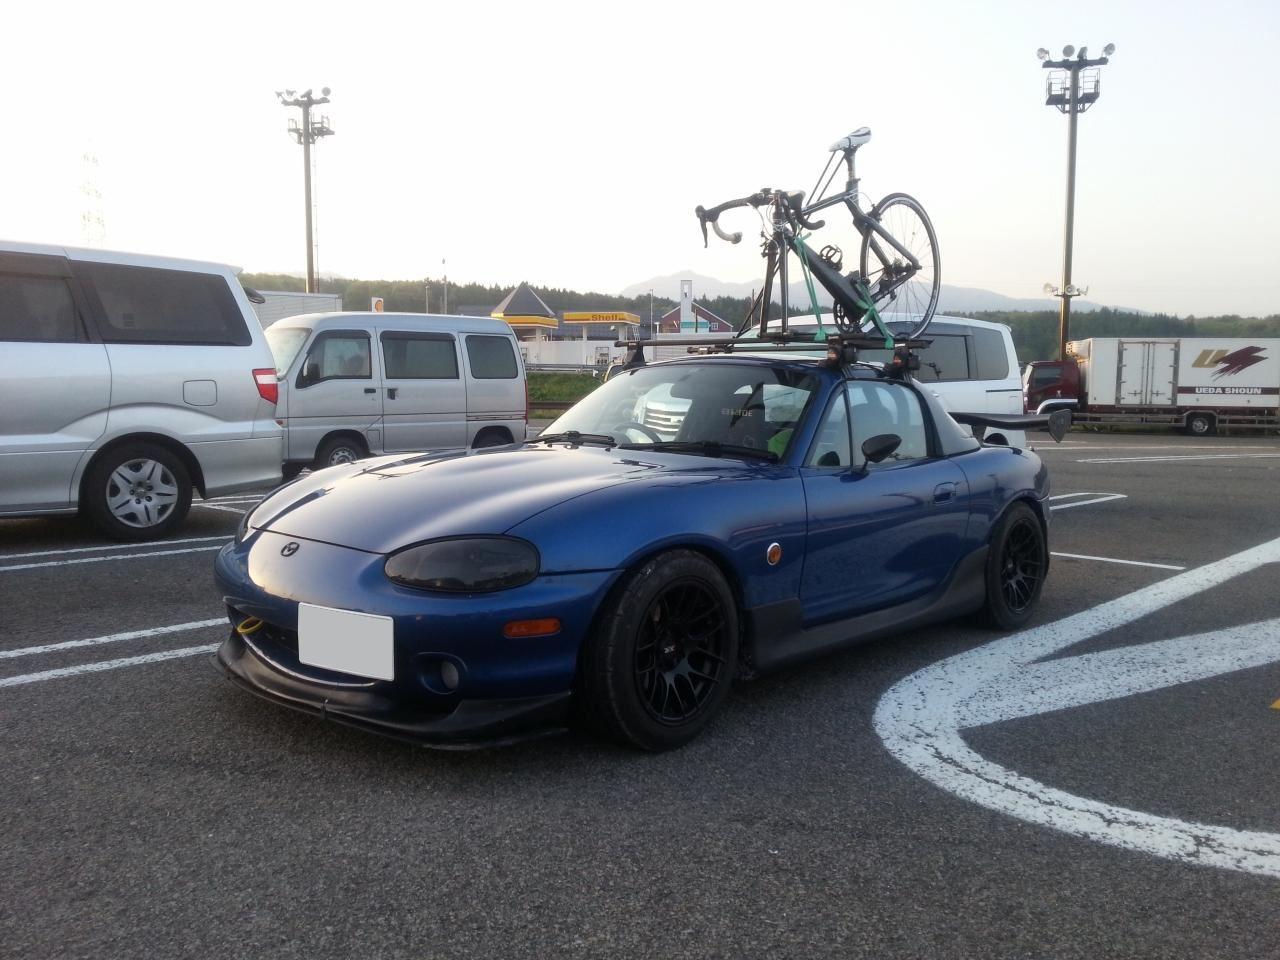 自転車の 自転車 キャリア 車載 自作 : ロードスターにロードバイクを ...